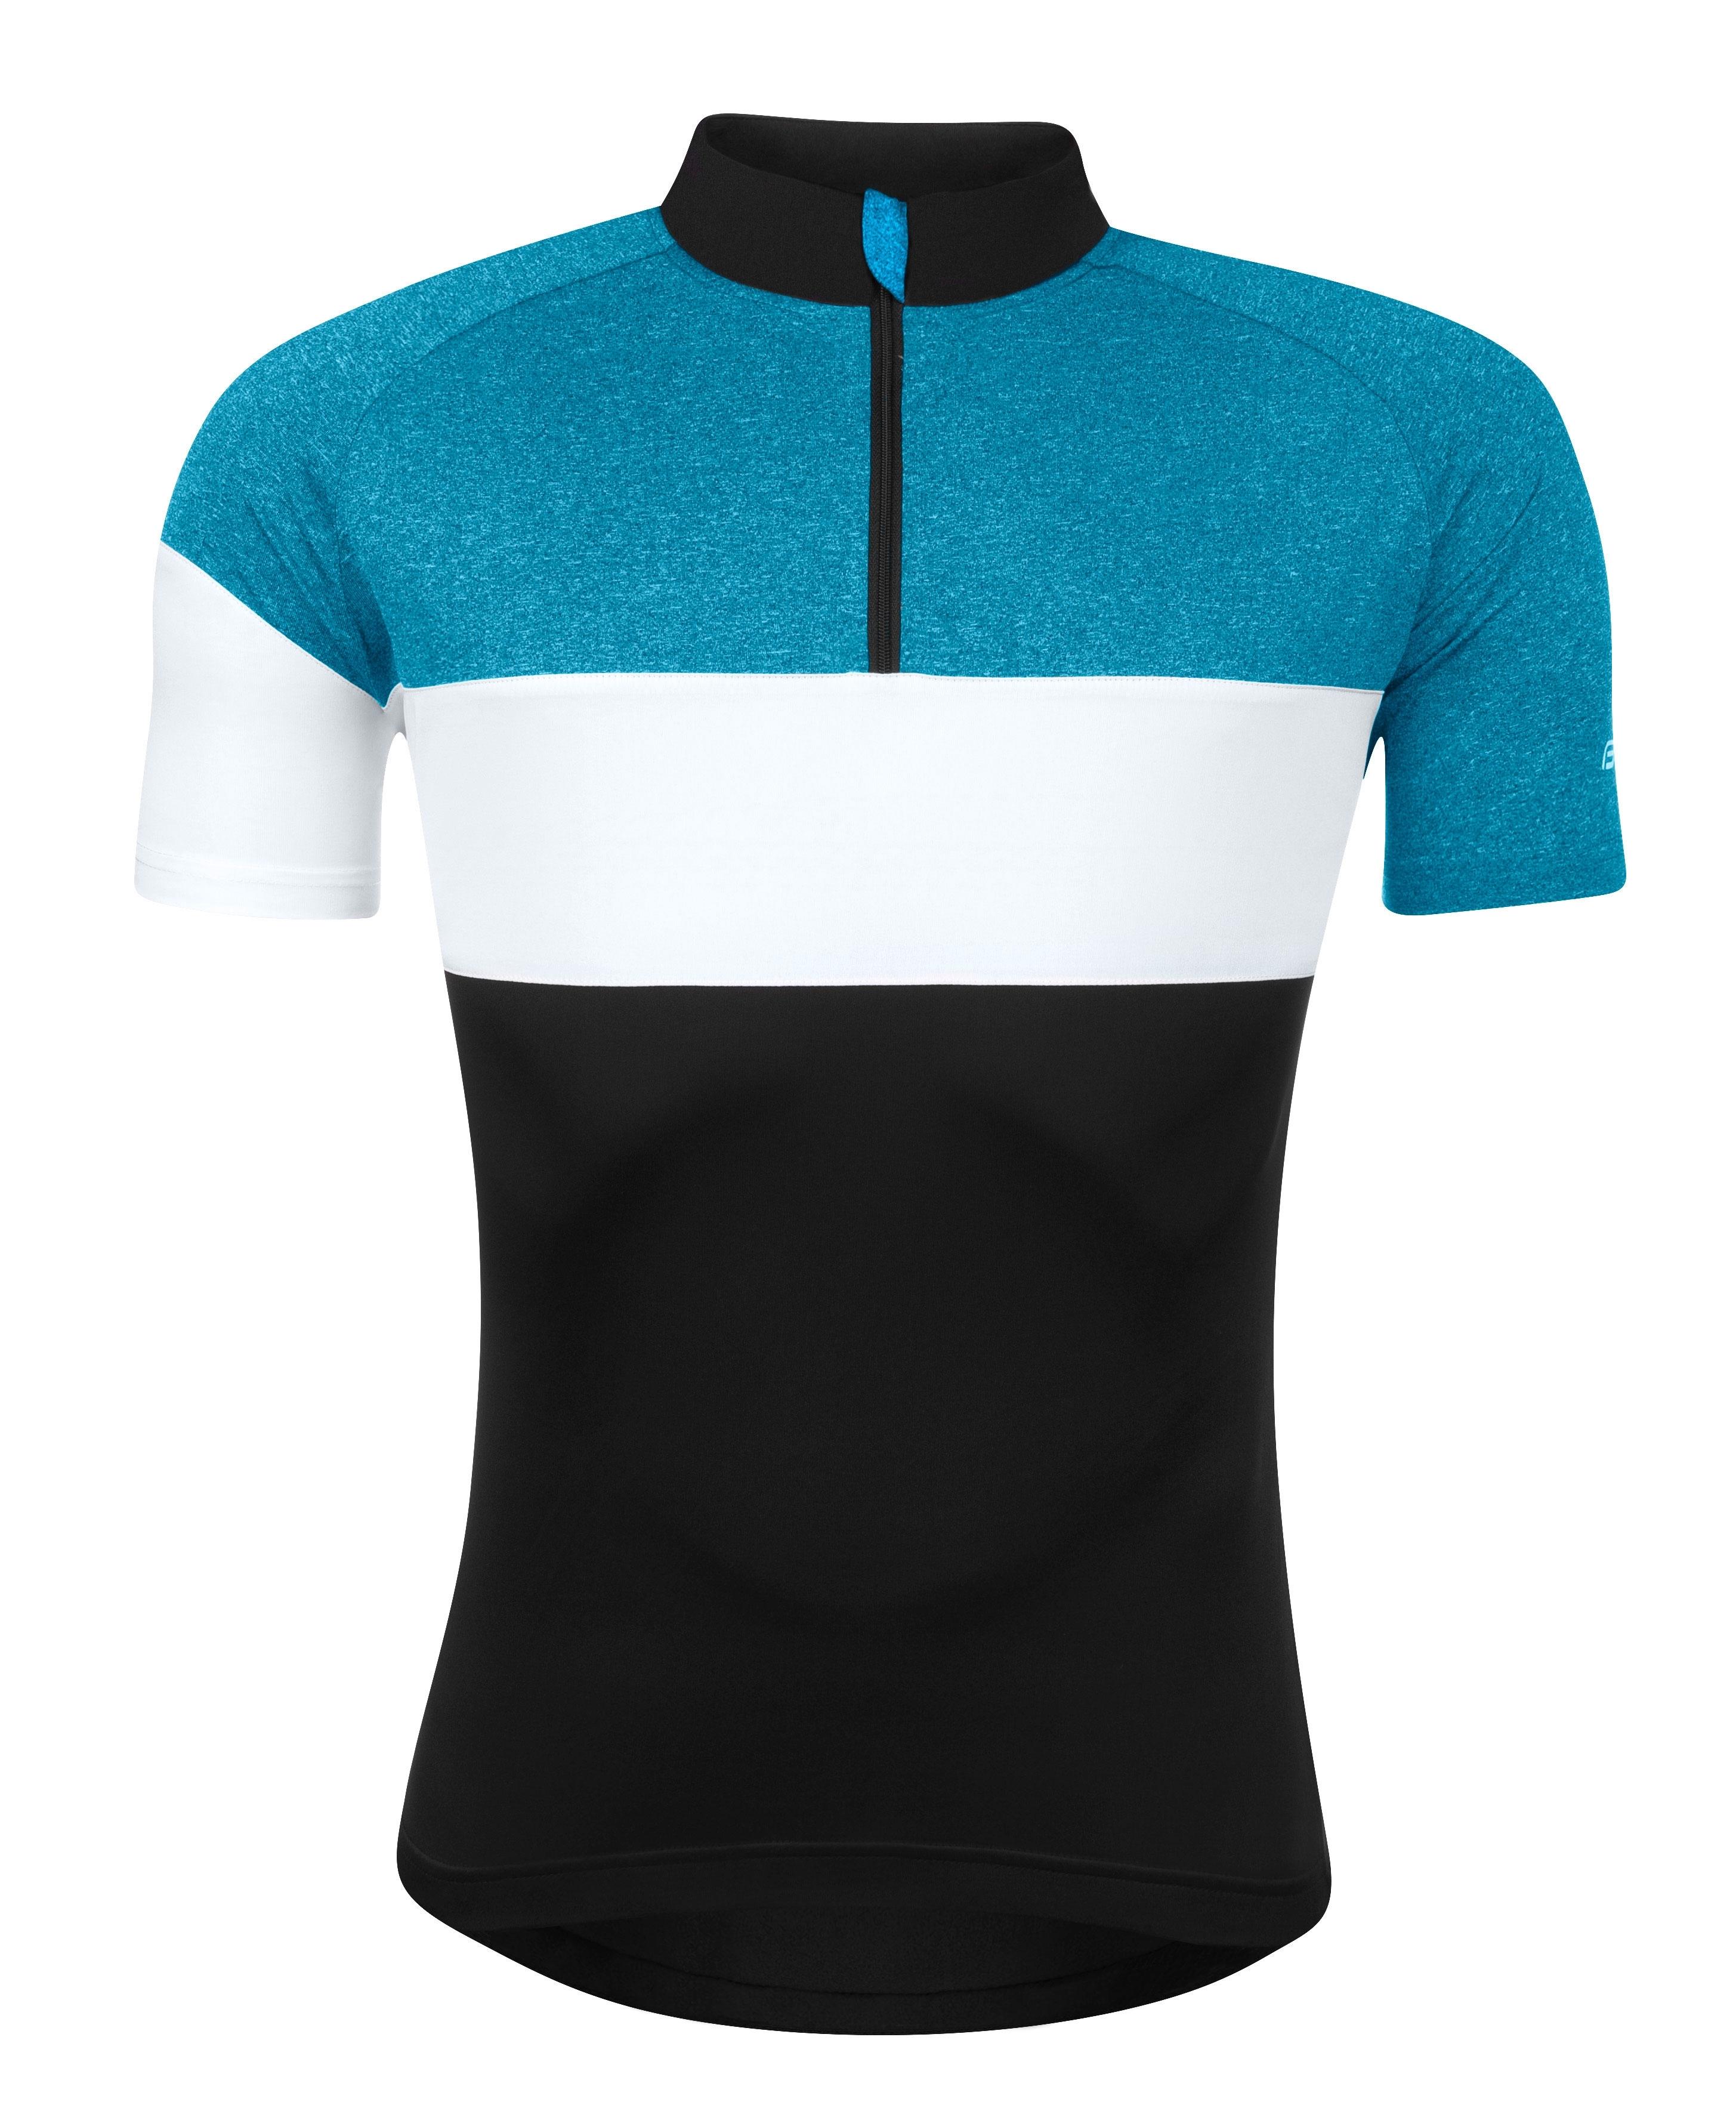 dres FORCE VIEW krátký rukáv,černo-modro-bílý XS